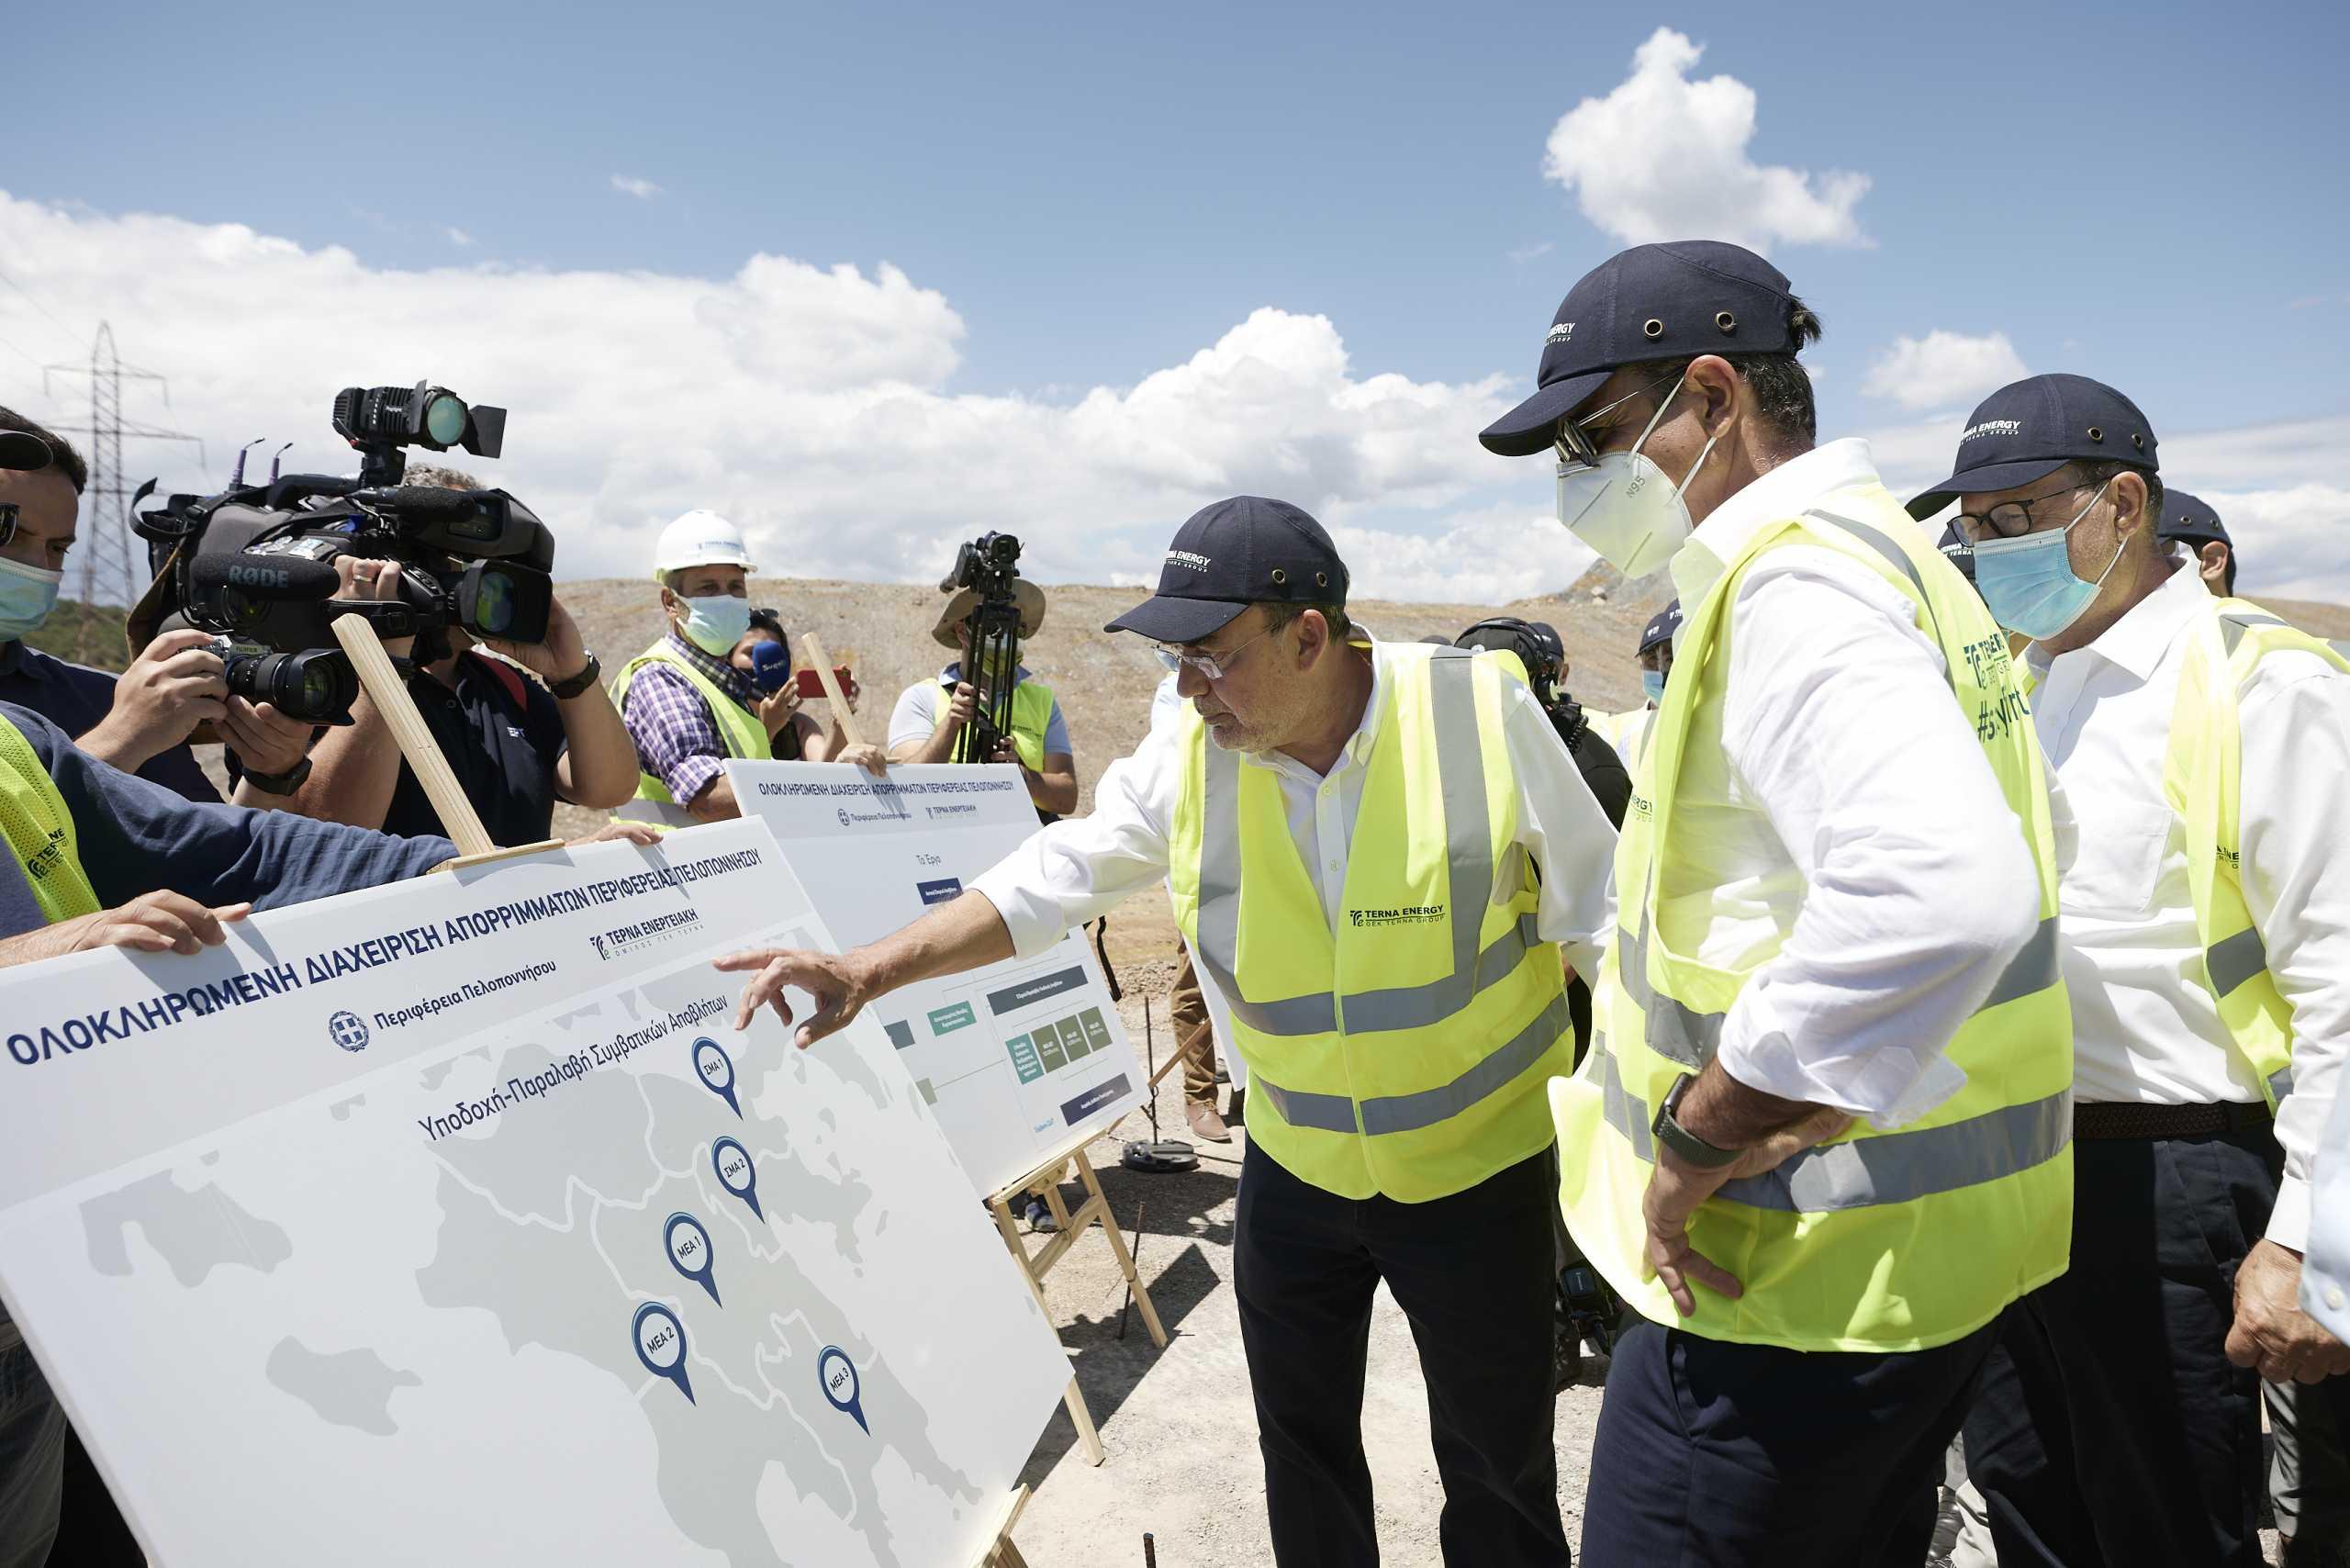 Τέρνα Ενεργειακή: Σε τροχιά υλοποίησης το έργο ΣΔΙΤ Oλοκληρωμένης Διαχείρισης Απορριμμάτων στην Περιφέρεια Πελοποννήσου